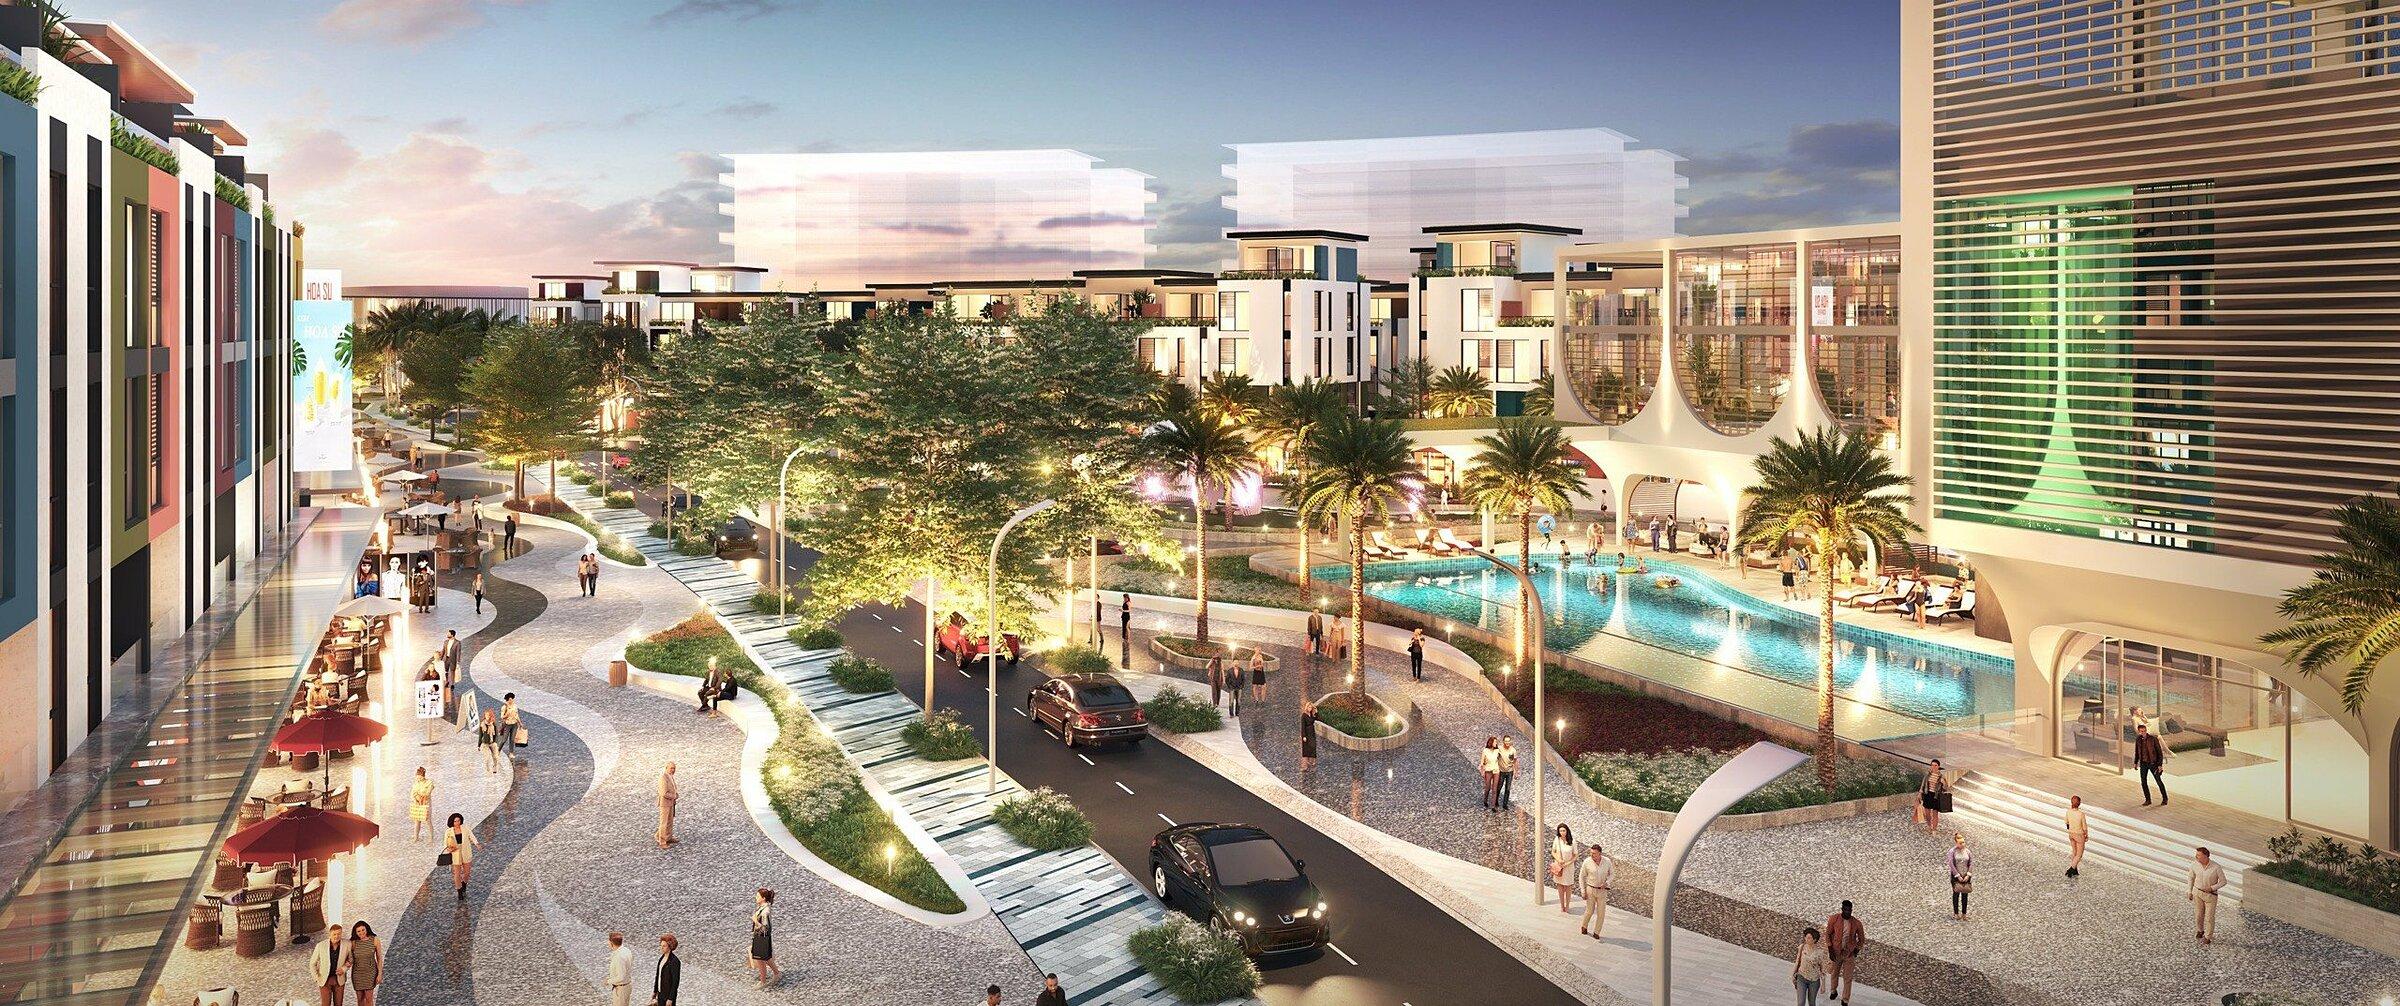 Meyhomes Capital Phú Quốc sẽ là đô thị sống sôi động, phồn vinh của thành phố đảo. Ảnh phối cảnh: Tập đoàn Tân Á Đại Thành.